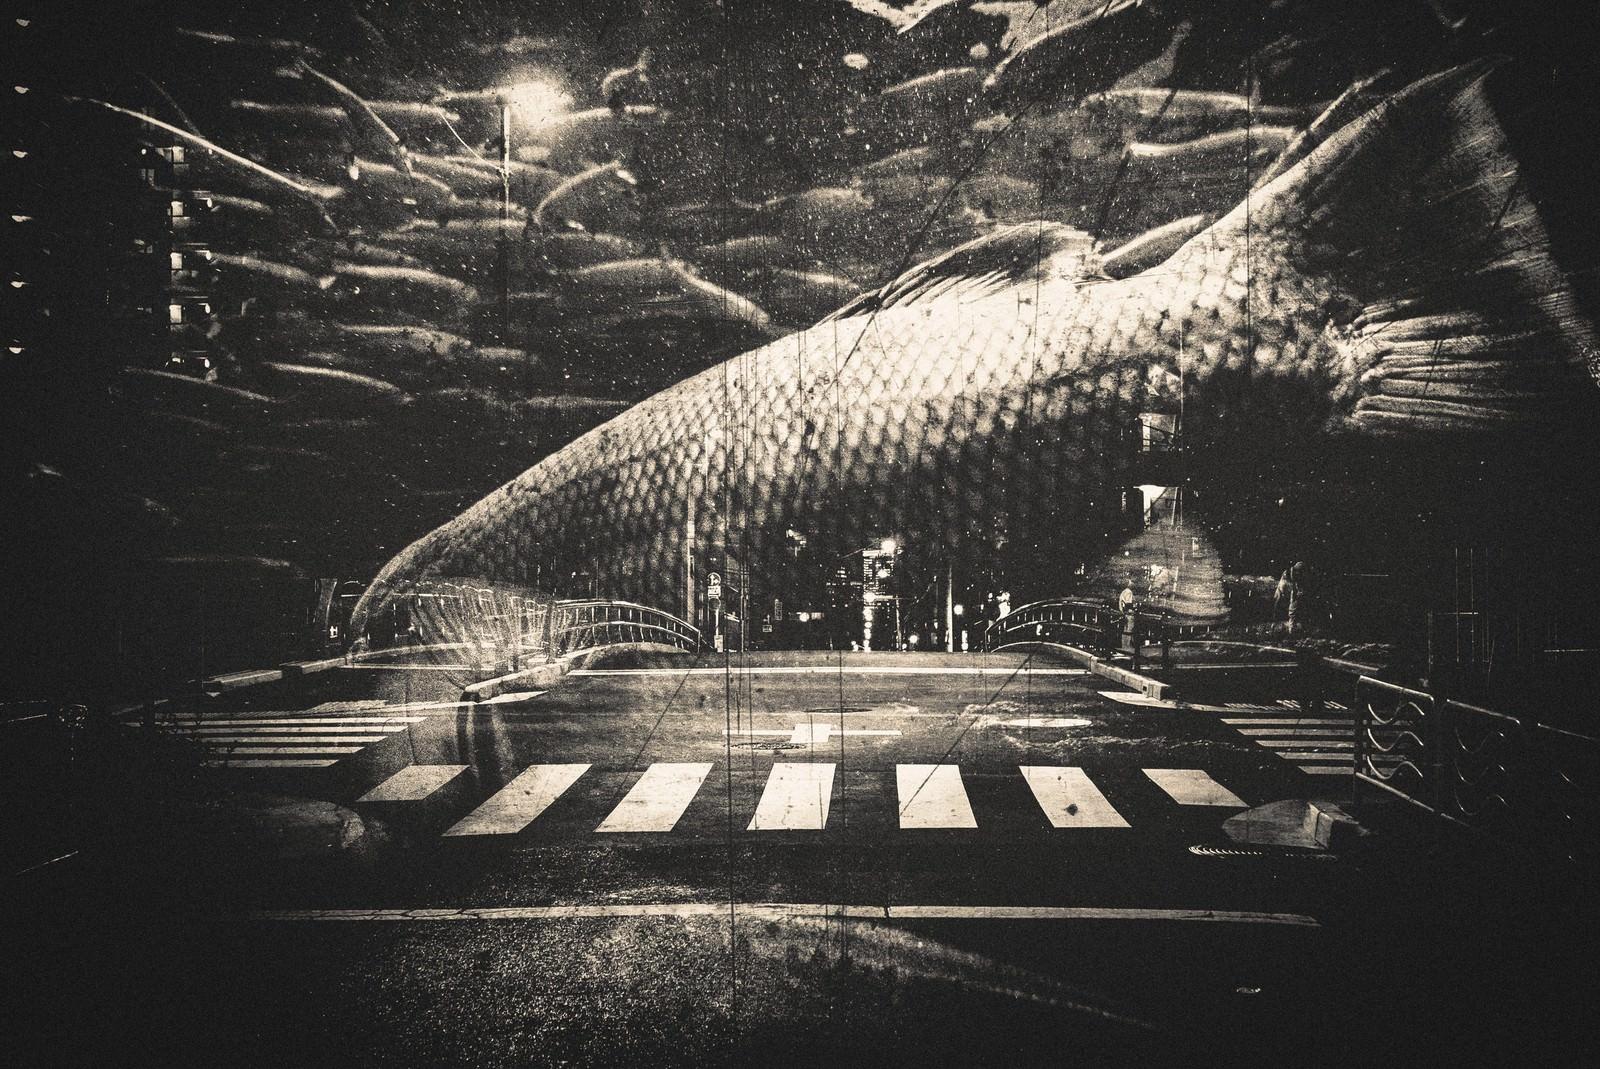 「都会を泳ぐ魚(フォトモンタージュ)都会を泳ぐ魚(フォトモンタージュ)」のフリー写真素材を拡大